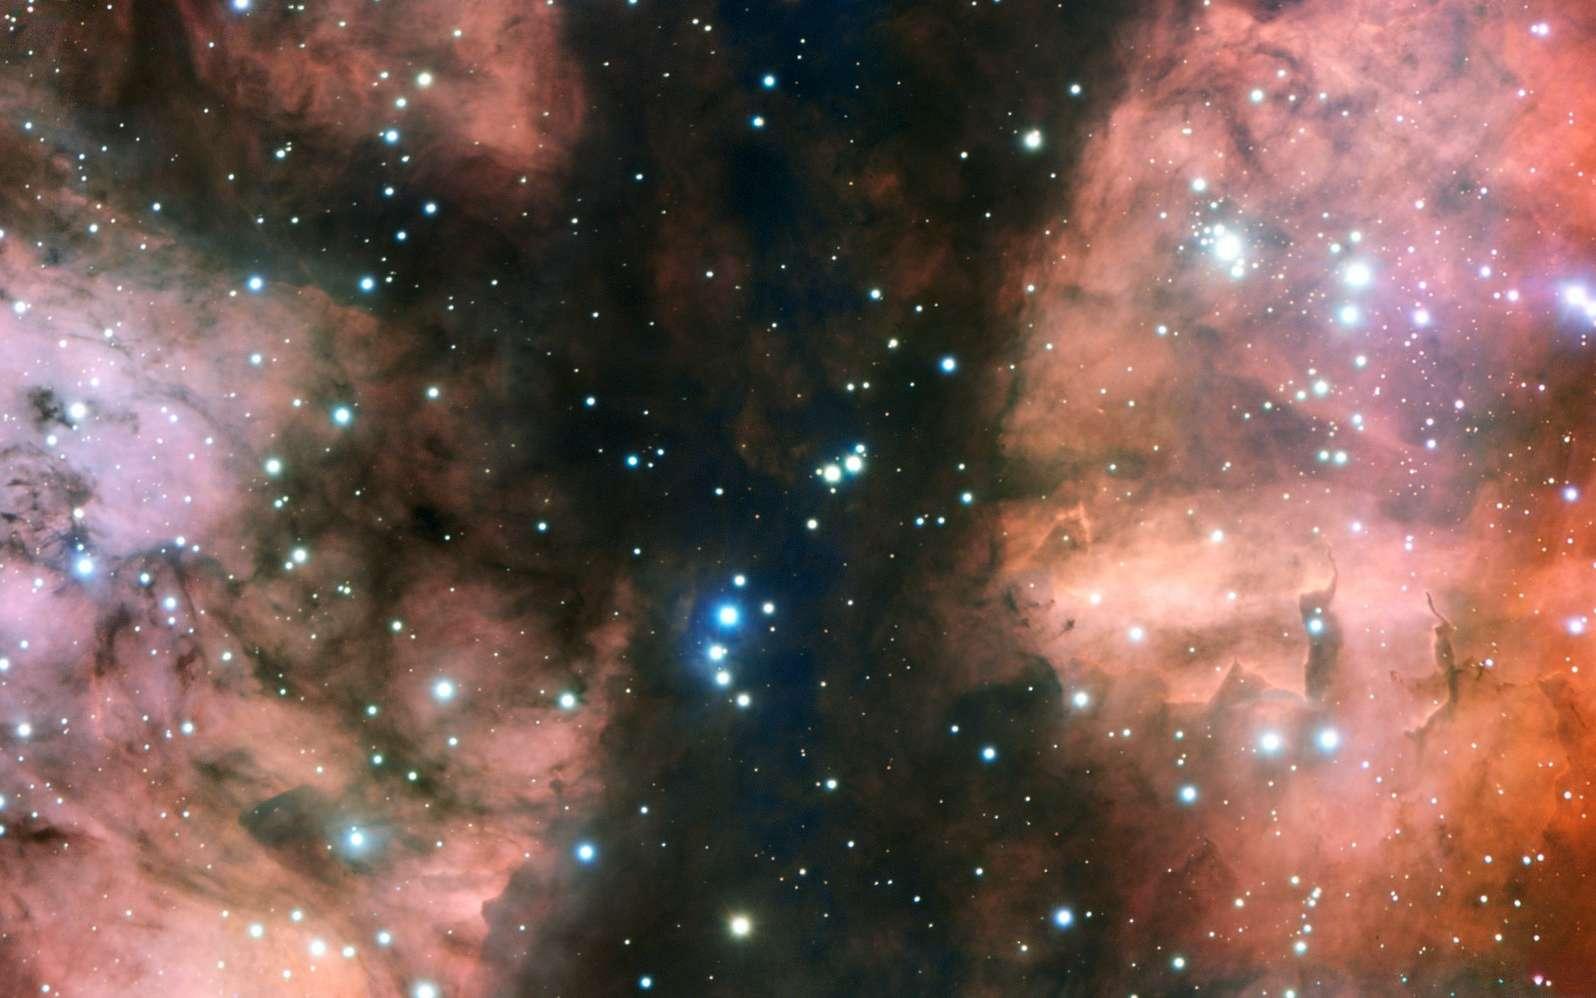 Le très grand télescope de l'ESO, le VLT, a pris l'image la plus détaillée d'une partie spectaculaire de la nurserie stellaire appelée NGC 6357. L'image montre de nombreuses jeunes étoiles chaudes, des nuages de gaz lumineux et des formations de poussière bizarres sculptées par le rayonnement ultraviolet et les vents stellaires. © ESO